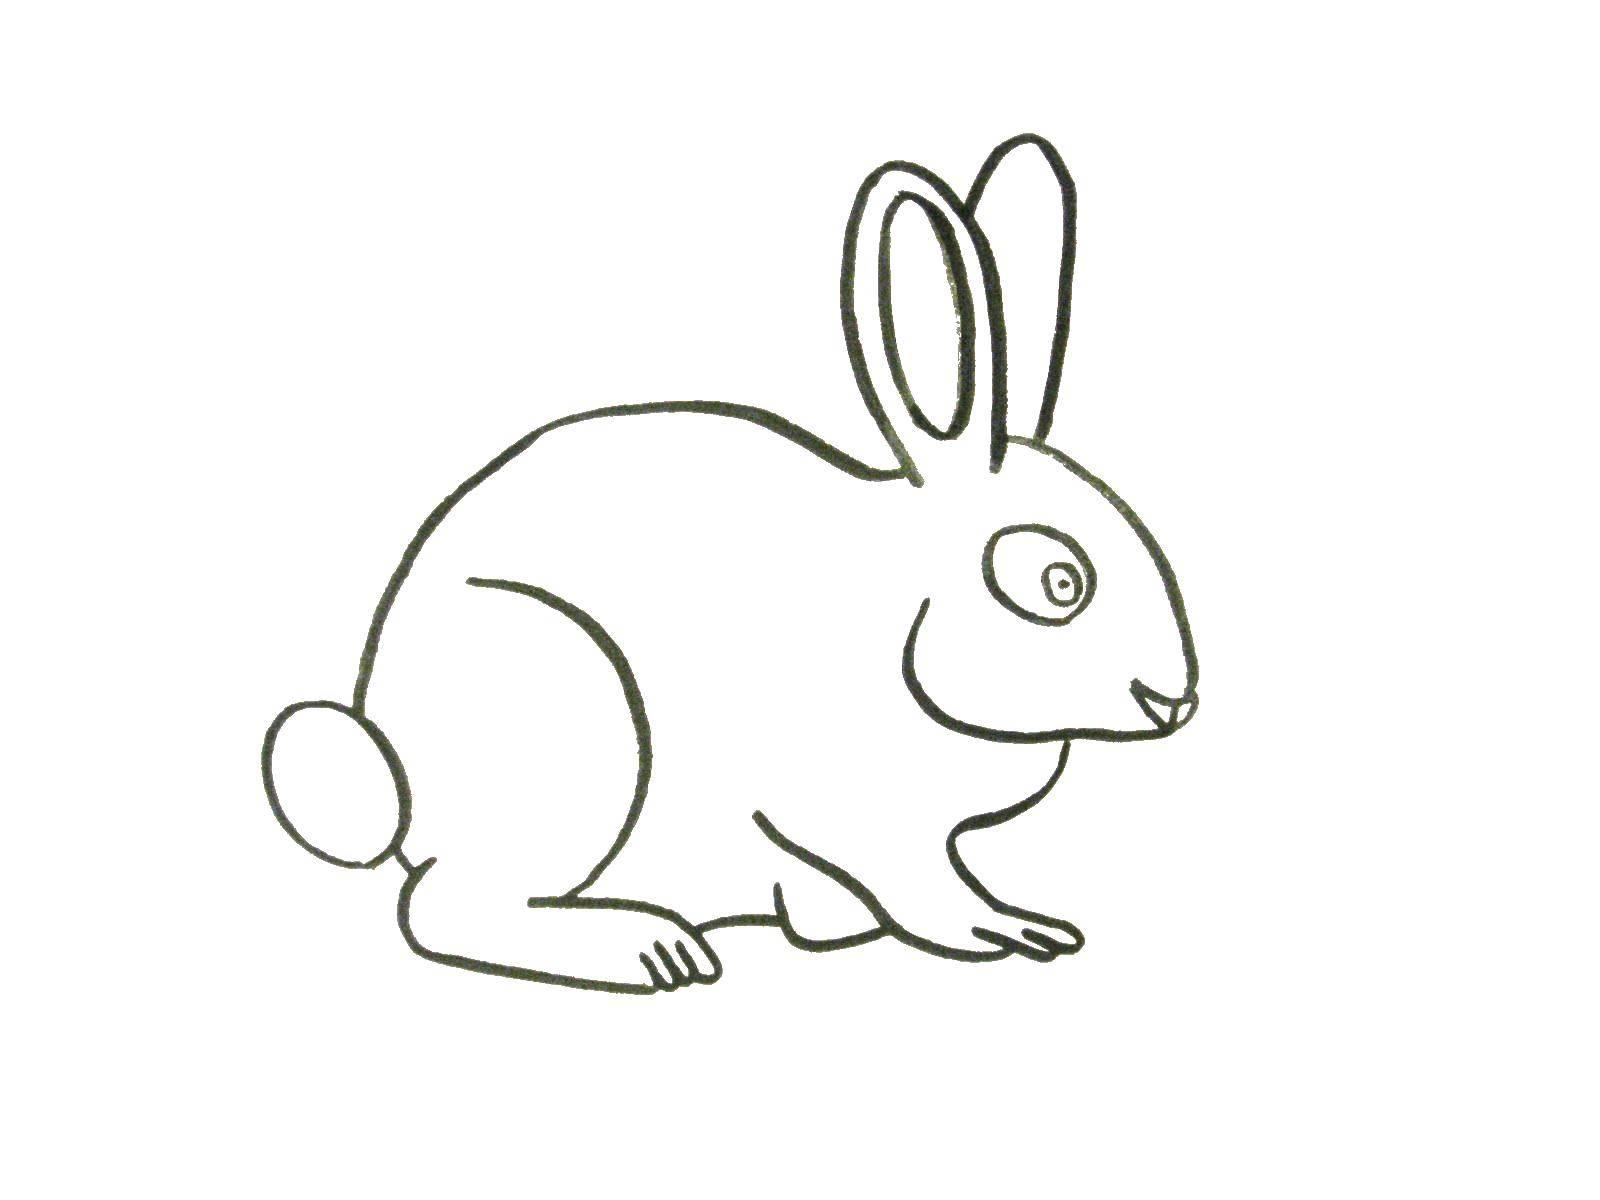 Раскраска Контур зайца для вырезания Скачать радуга, солнце.  Распечатать ,погода,